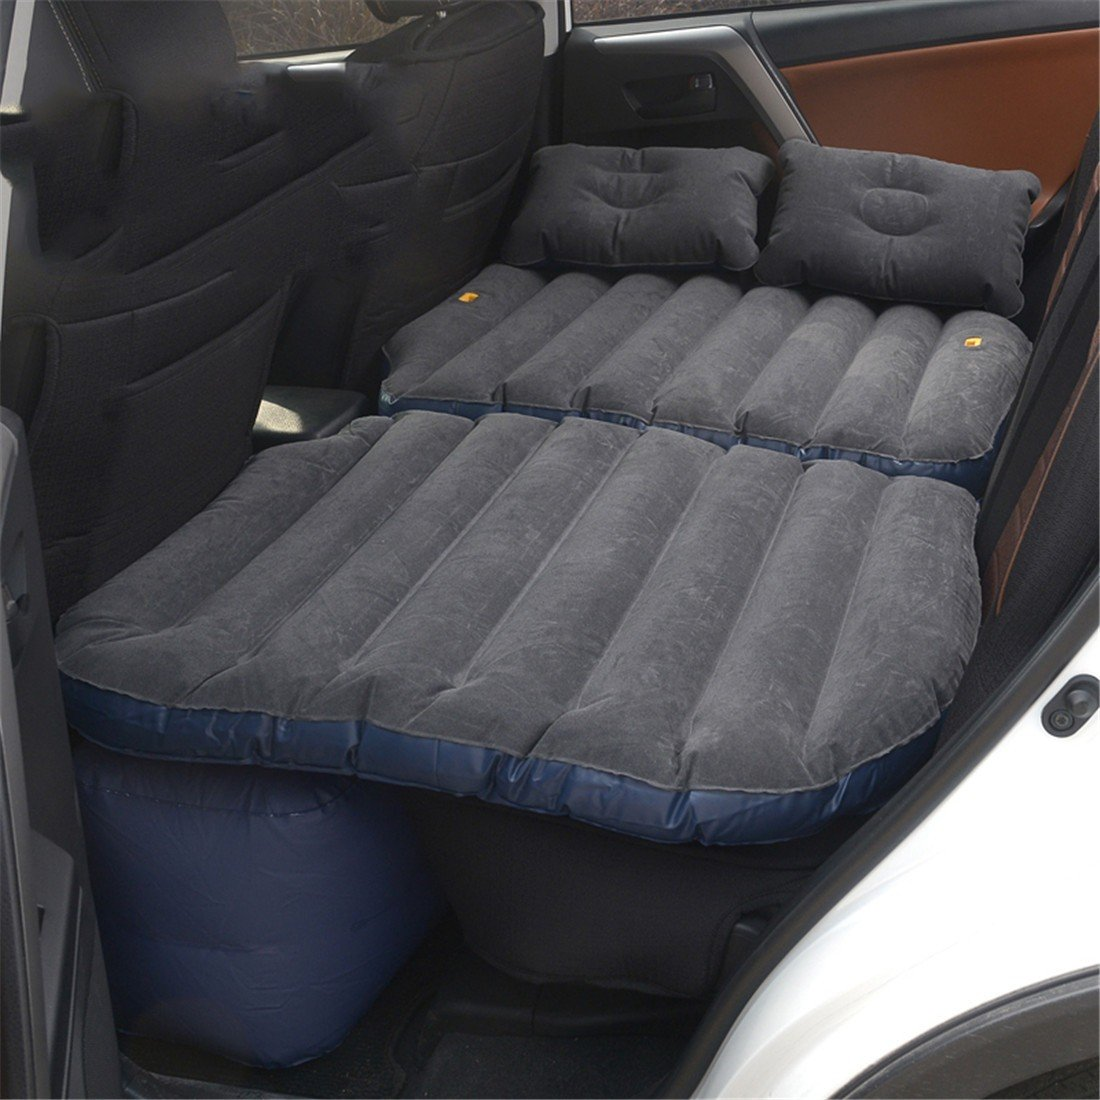 STAZSX Kann sitzen Auto Auto aufblasbare Bett Auto hintere Reihe Kinder Reisebett Auto Bett Auto SUV Isomatte, Beflockung schwarz-135x78CM B07FTJ2F6L Luftmatratzen Ideales Geschenk für alle Gelegenheiten